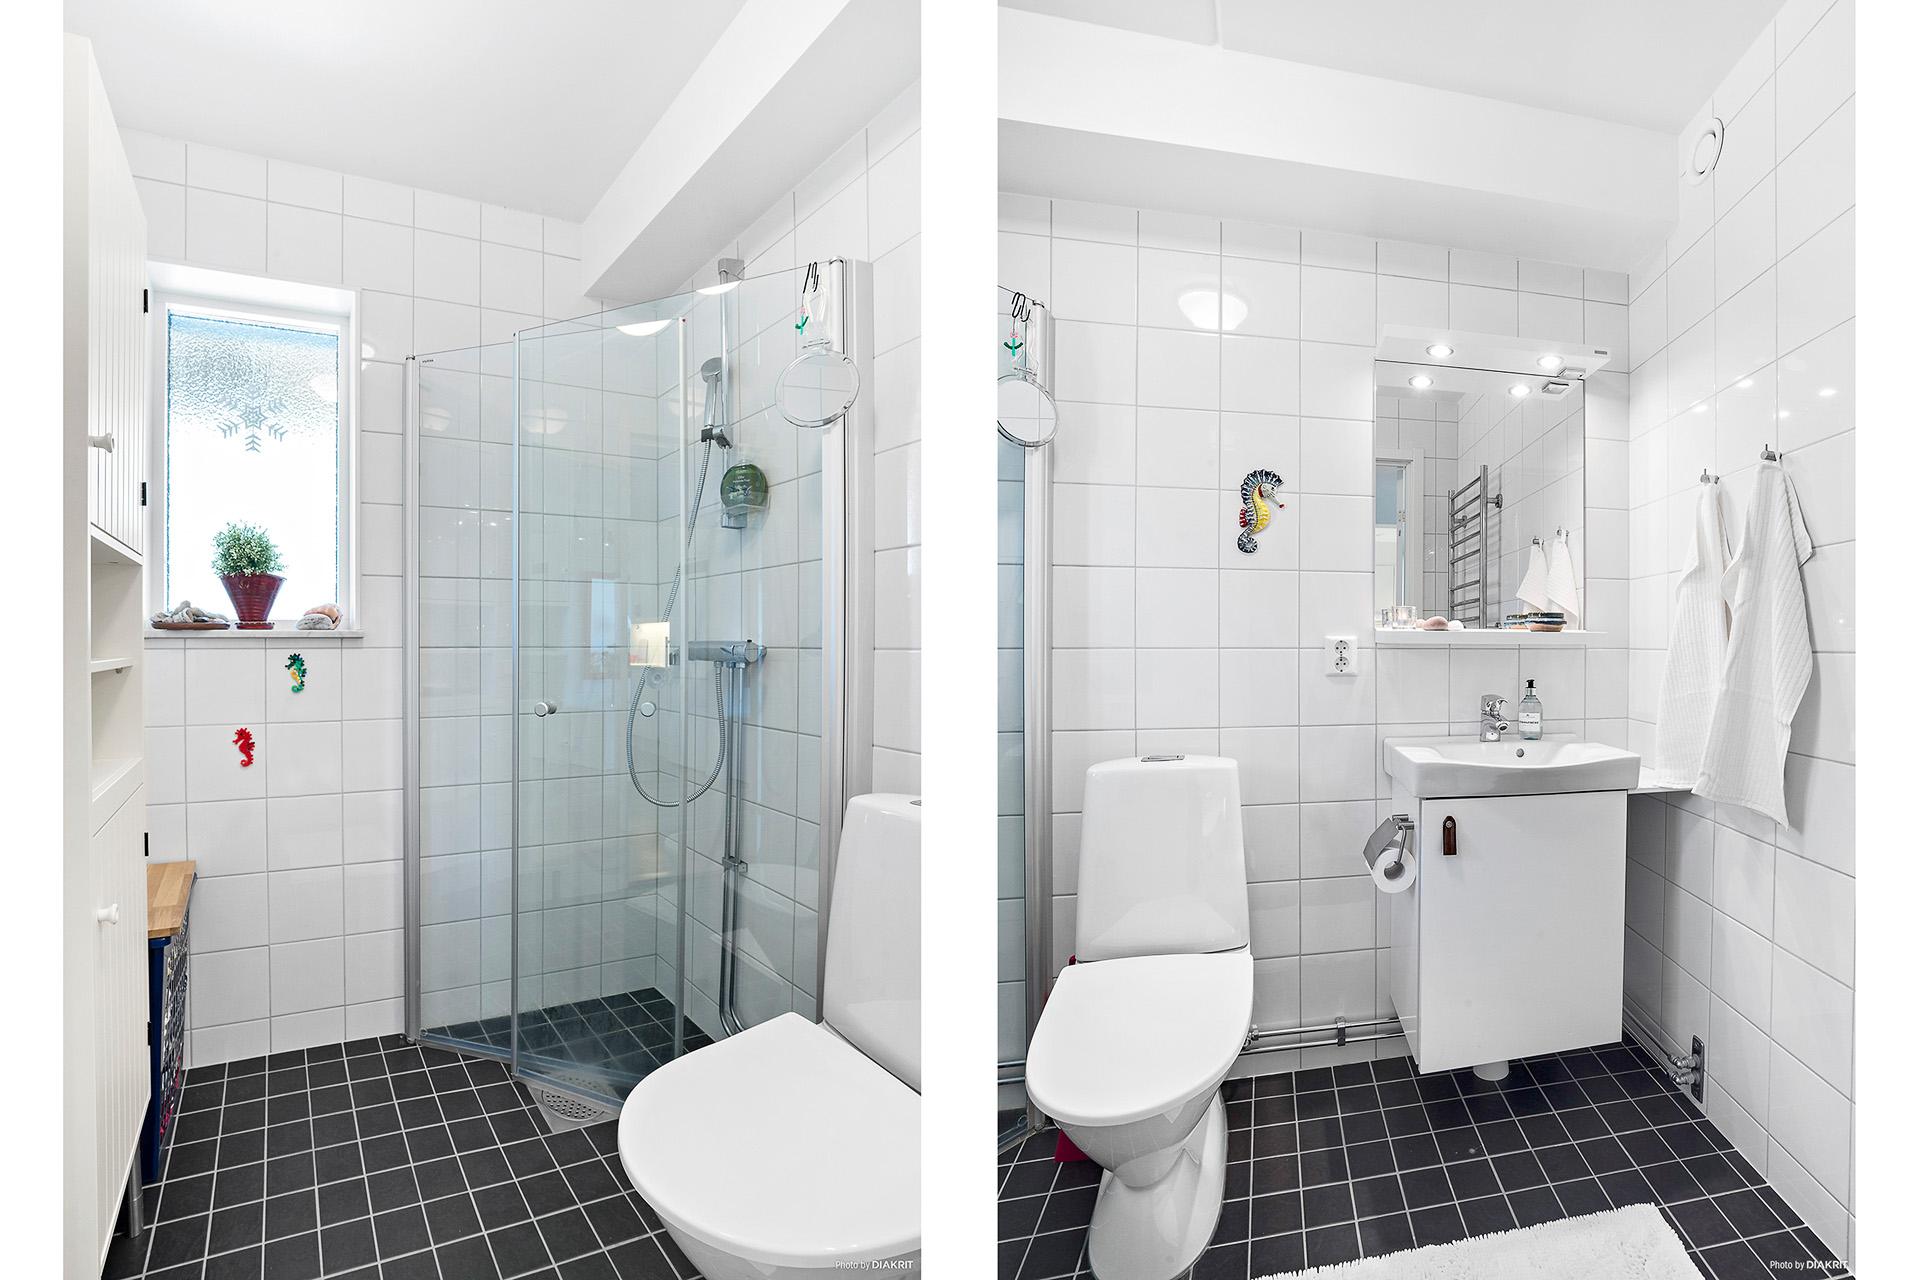 Helkaklat duschrum med fönster